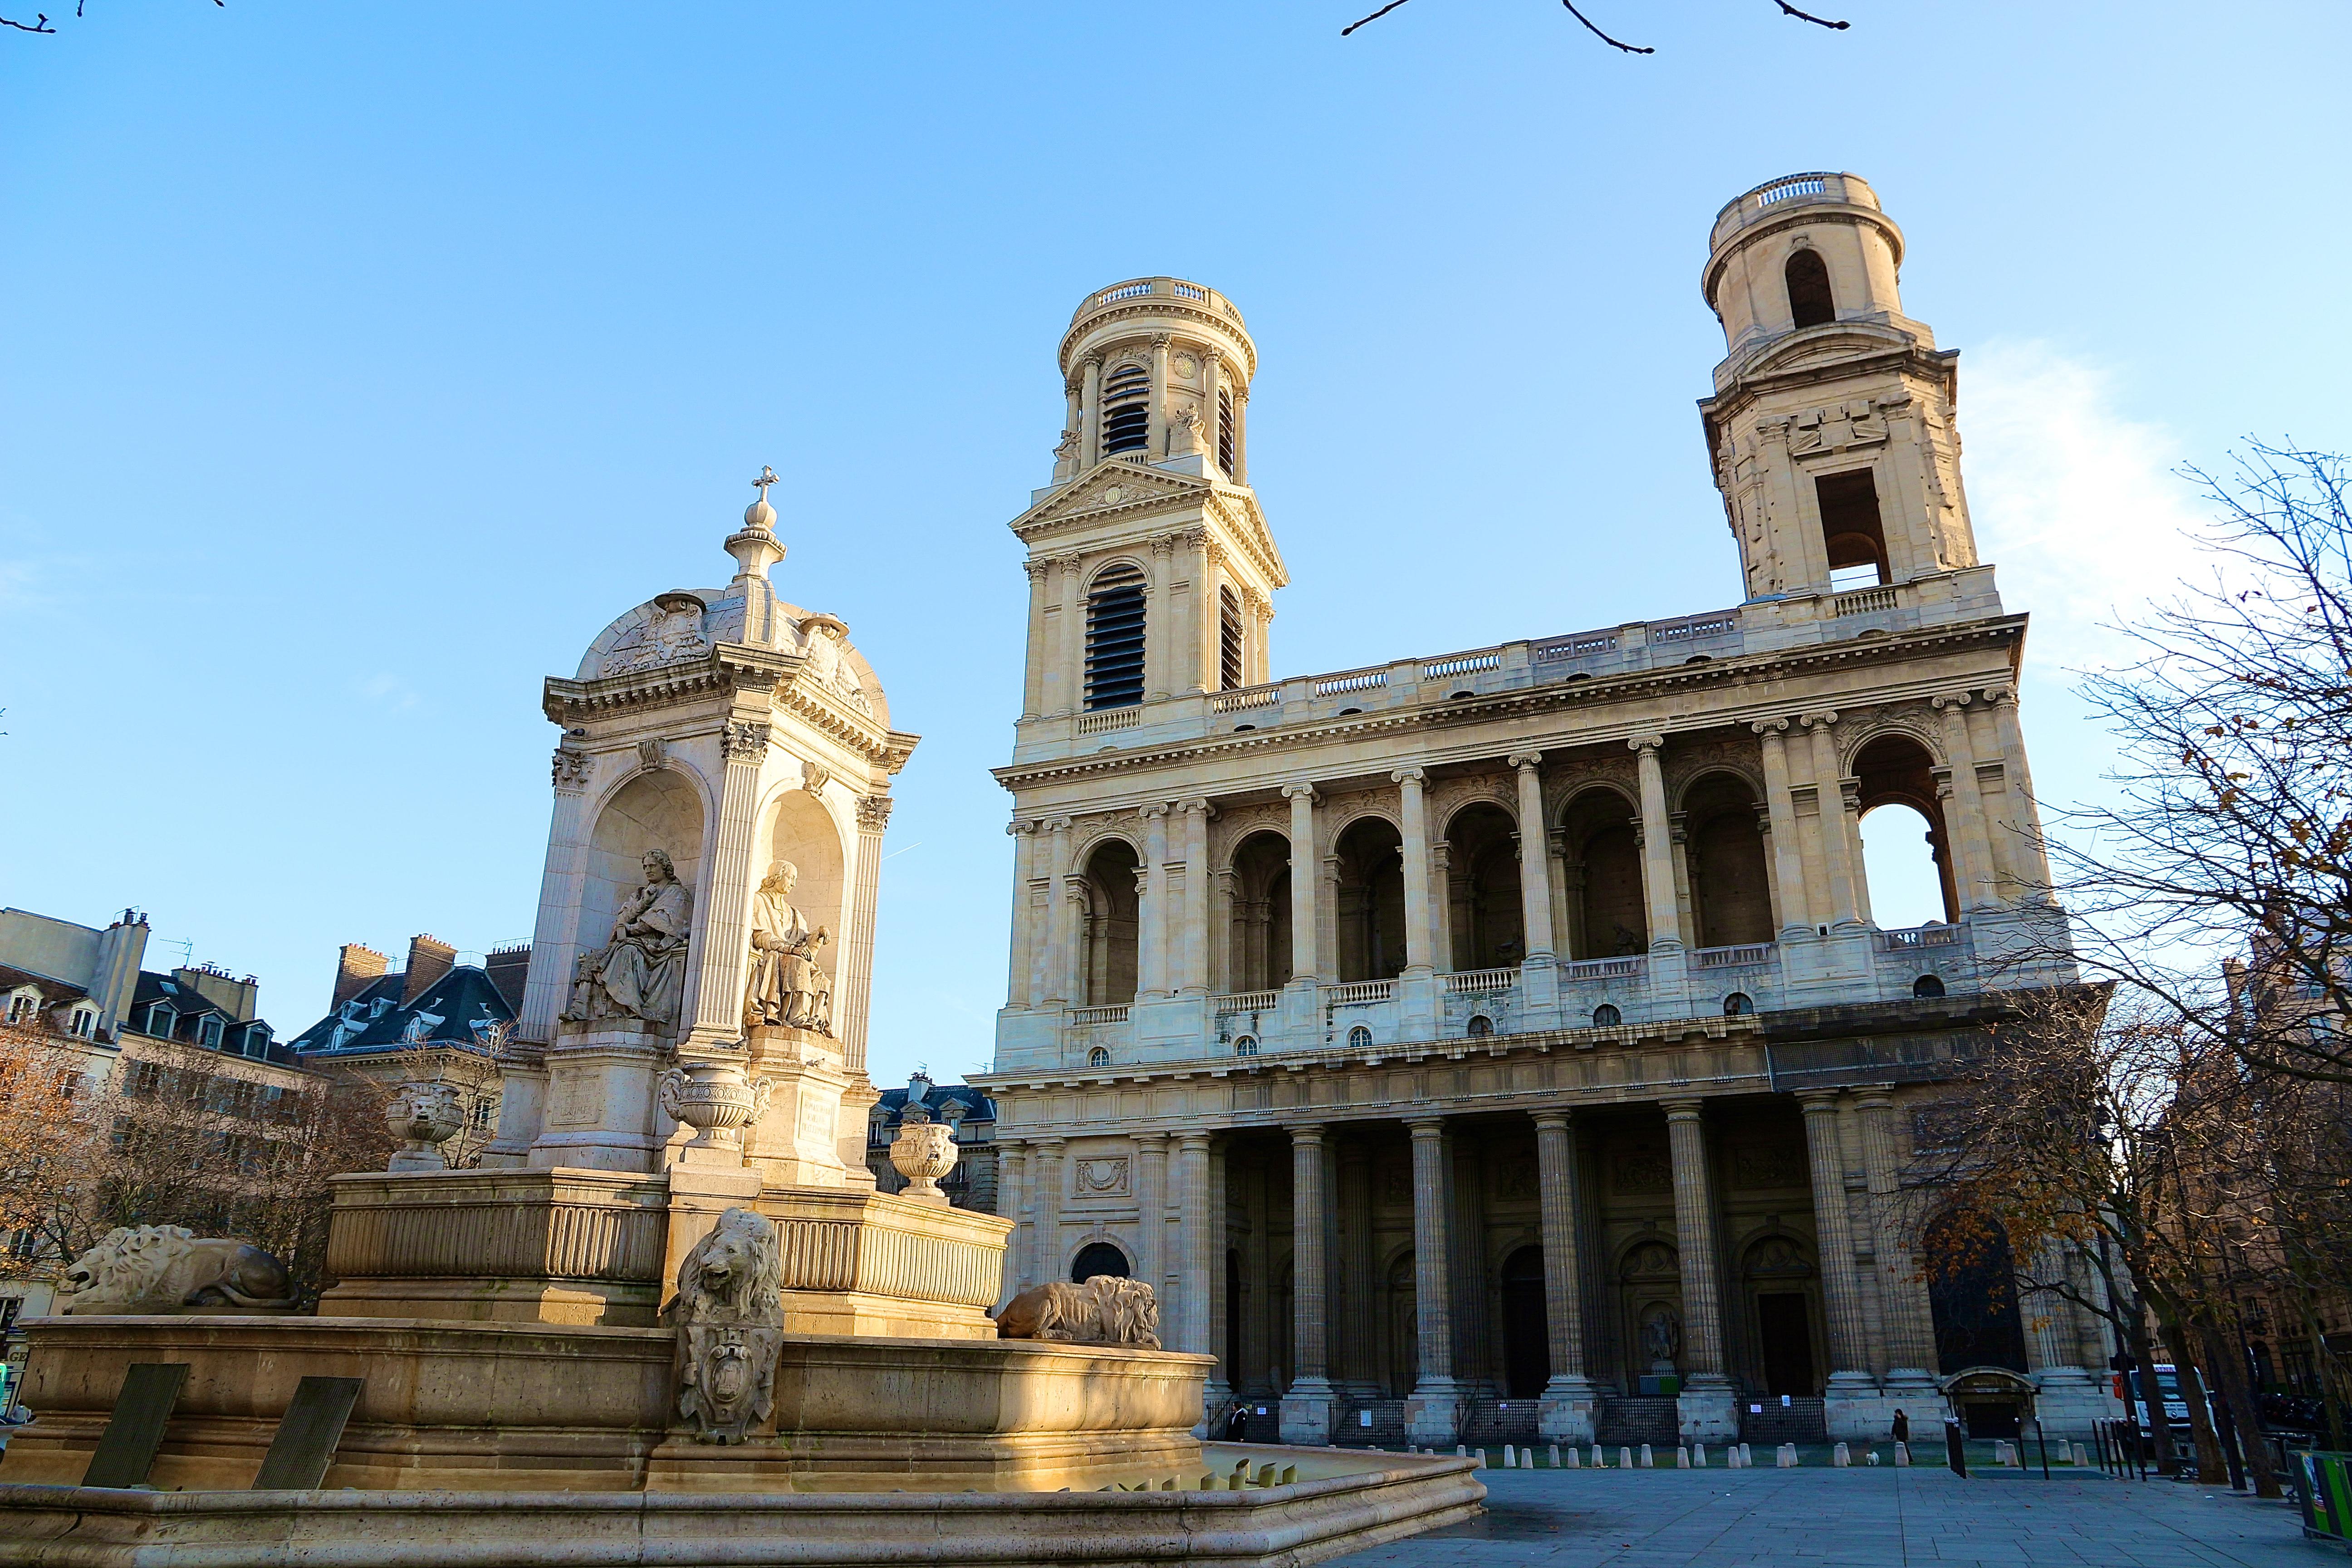 📸 l'Église Saint-Sulpice